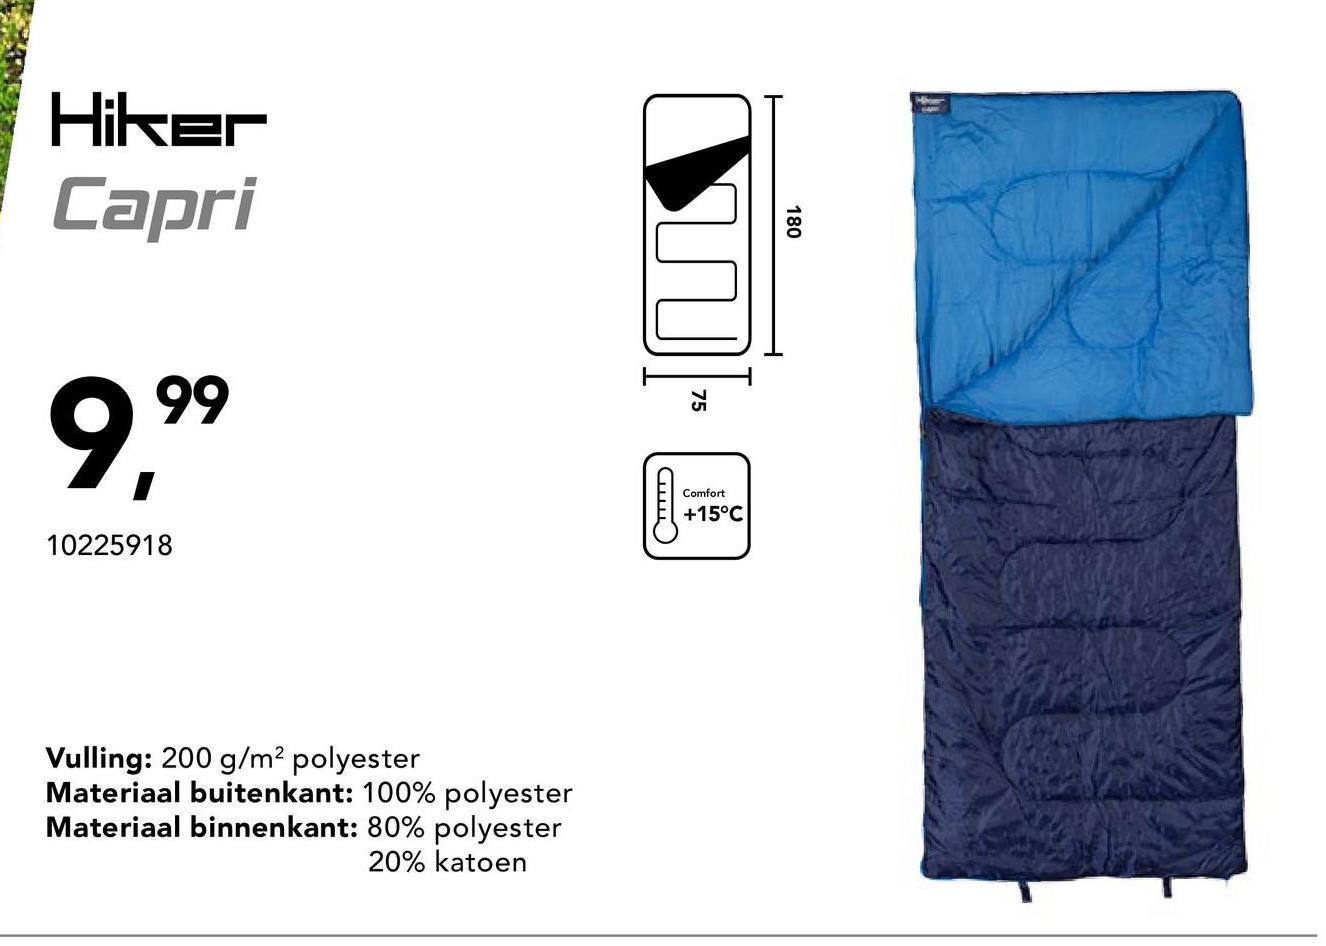 Slaapzak Capri Hiker - Blauw - Goedkope Slaapzakken - Nog op zoek naar dé ideale slaapzak om te kamperen? Zoek niet langer en probeer deze lekker warme slaapzak!